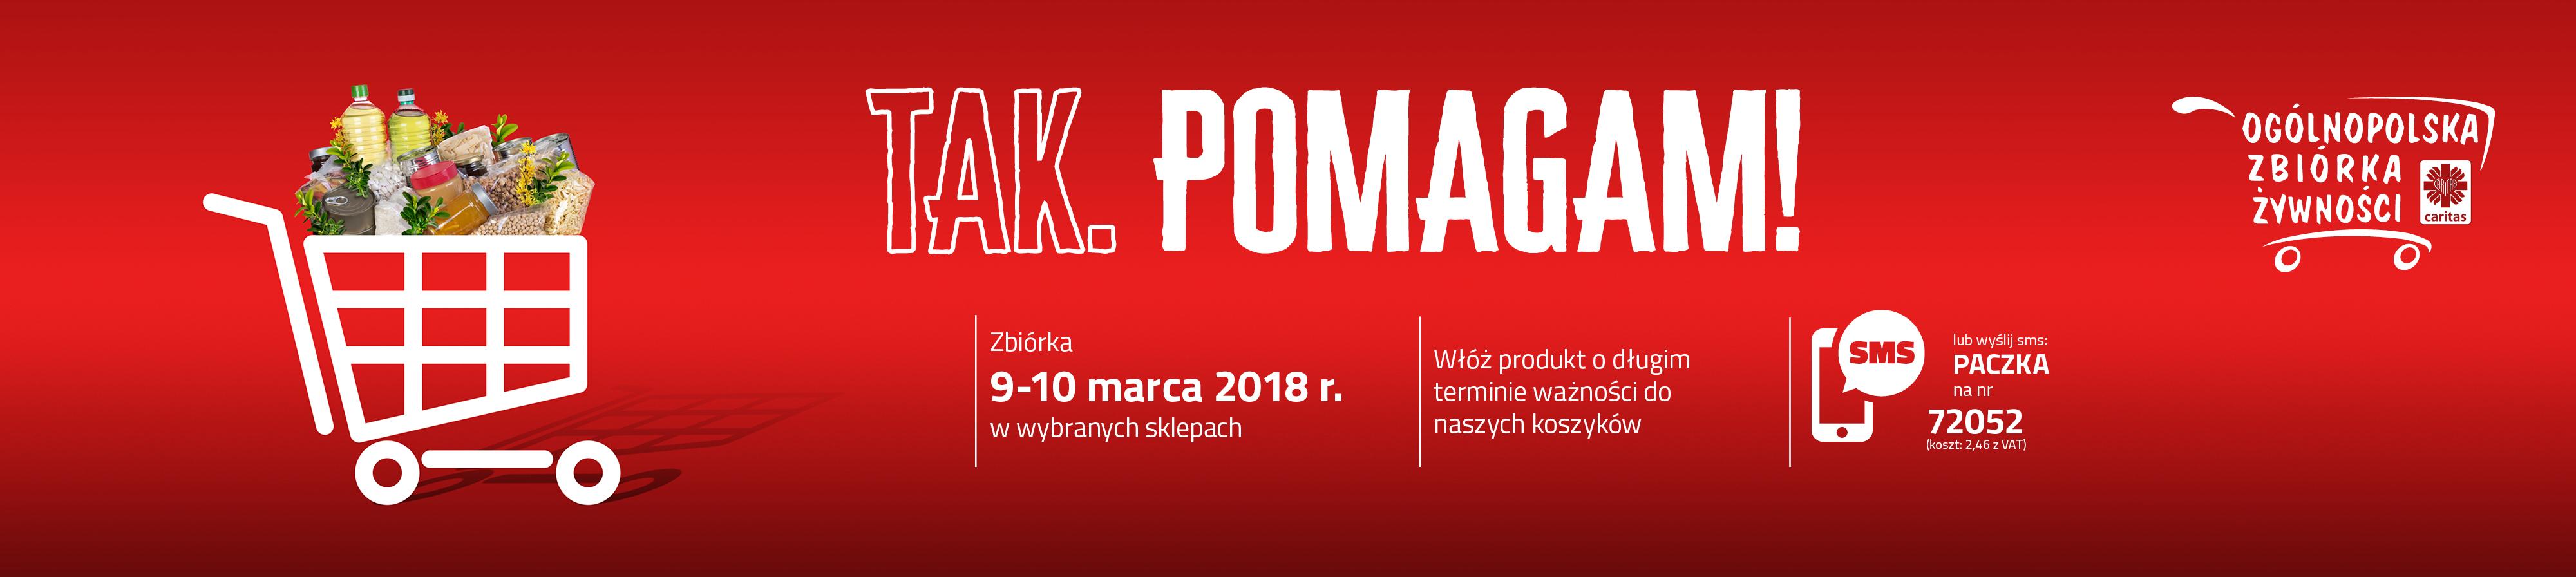 ZbiorkaWielkanoc_Banner1920x430